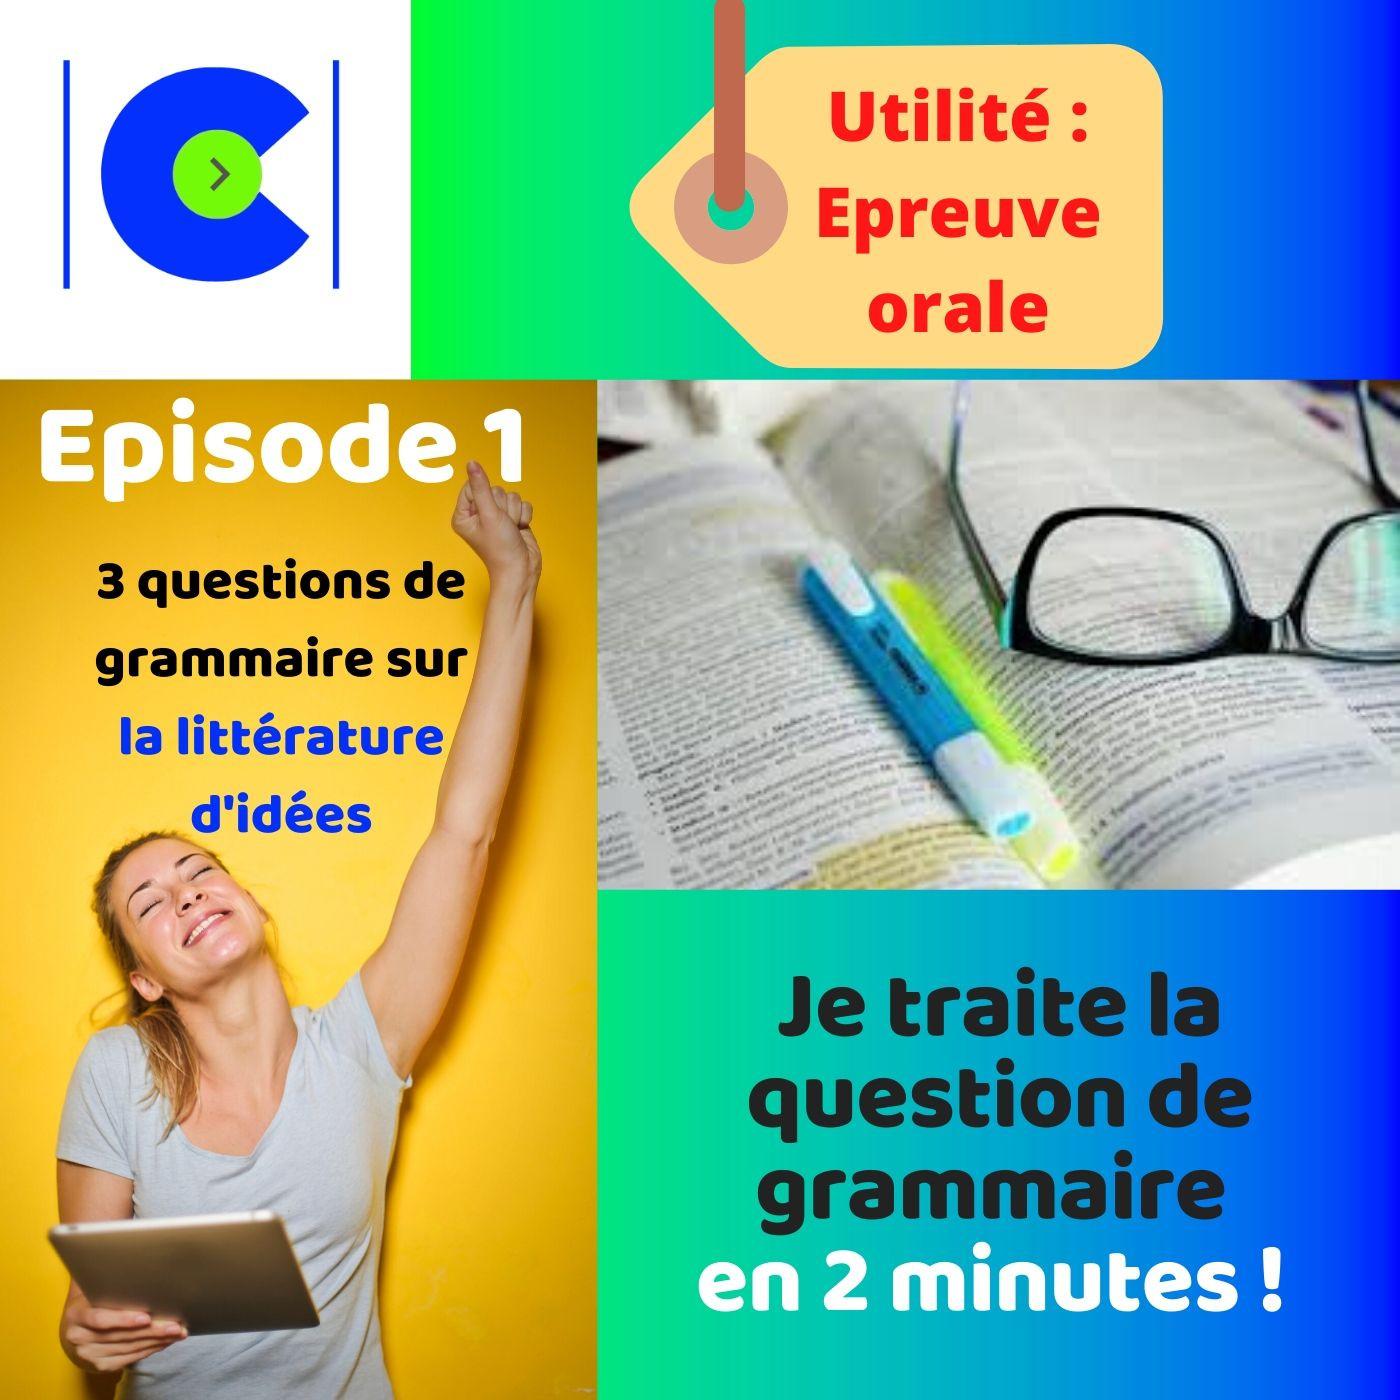 Comment répondre en 2 minutes à la question de grammaire ? Episode Littérature d'idées.